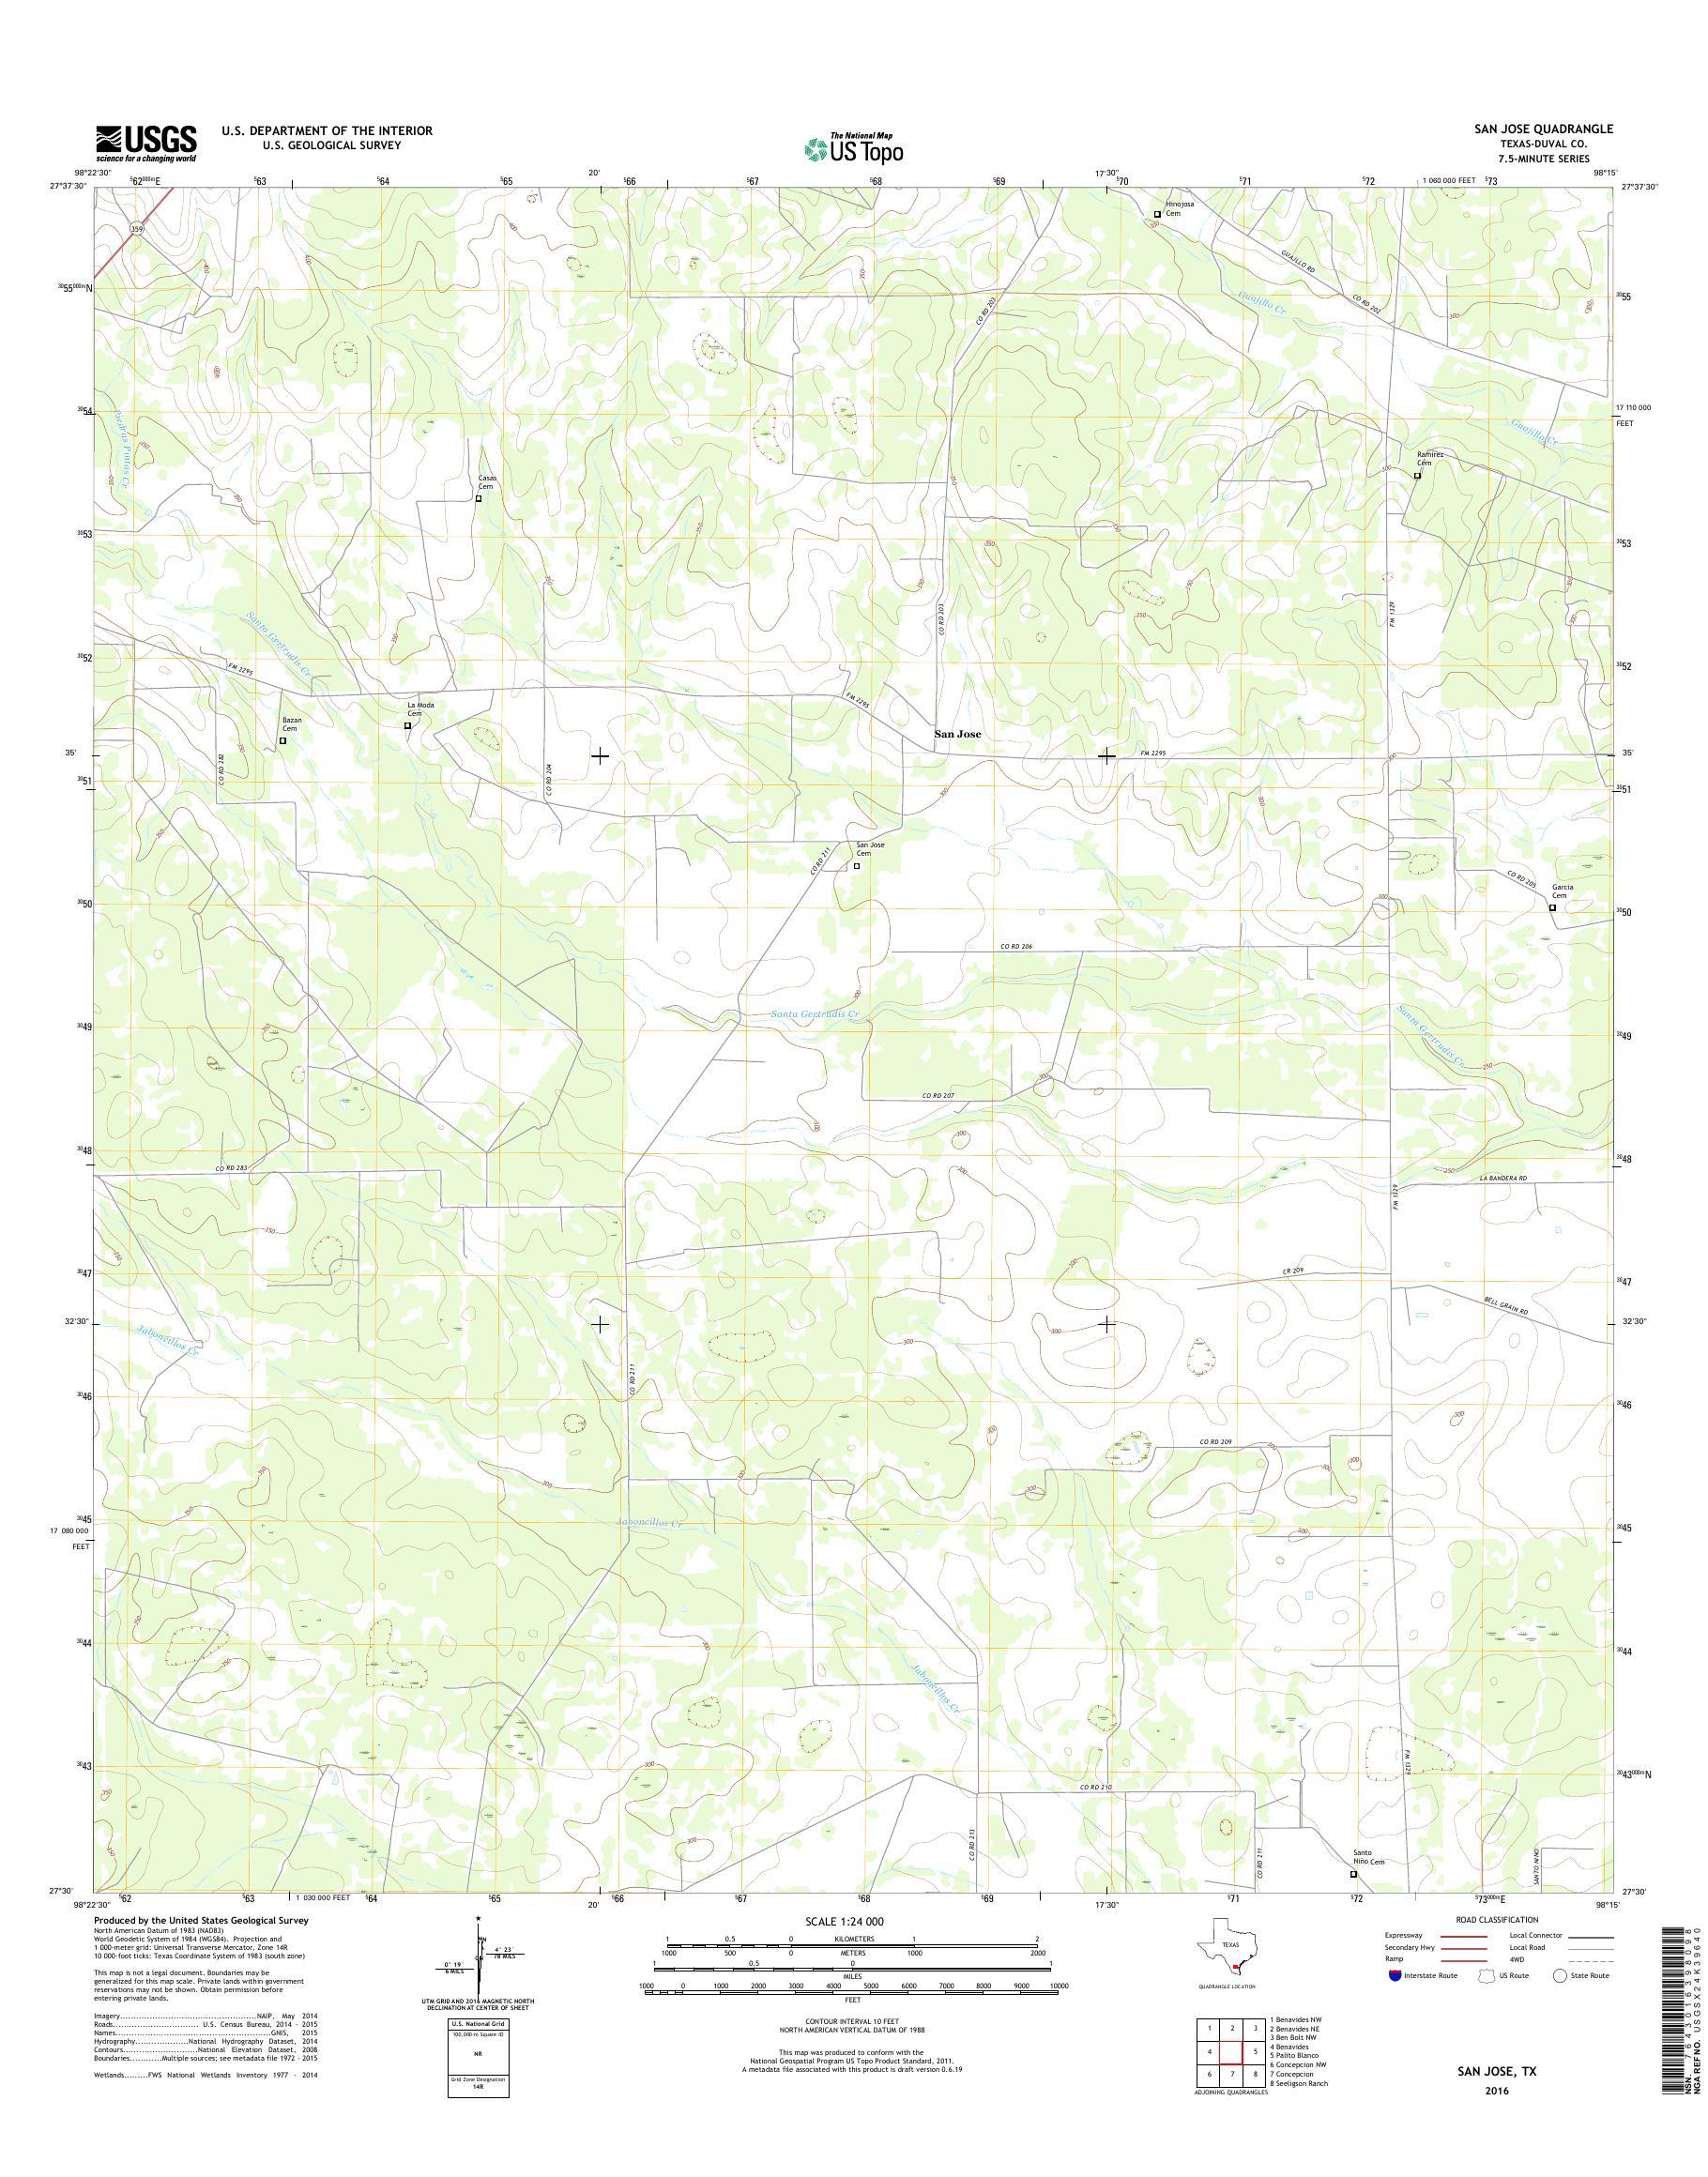 MyTopo San Jose, Texas USGS Quad Topo Map